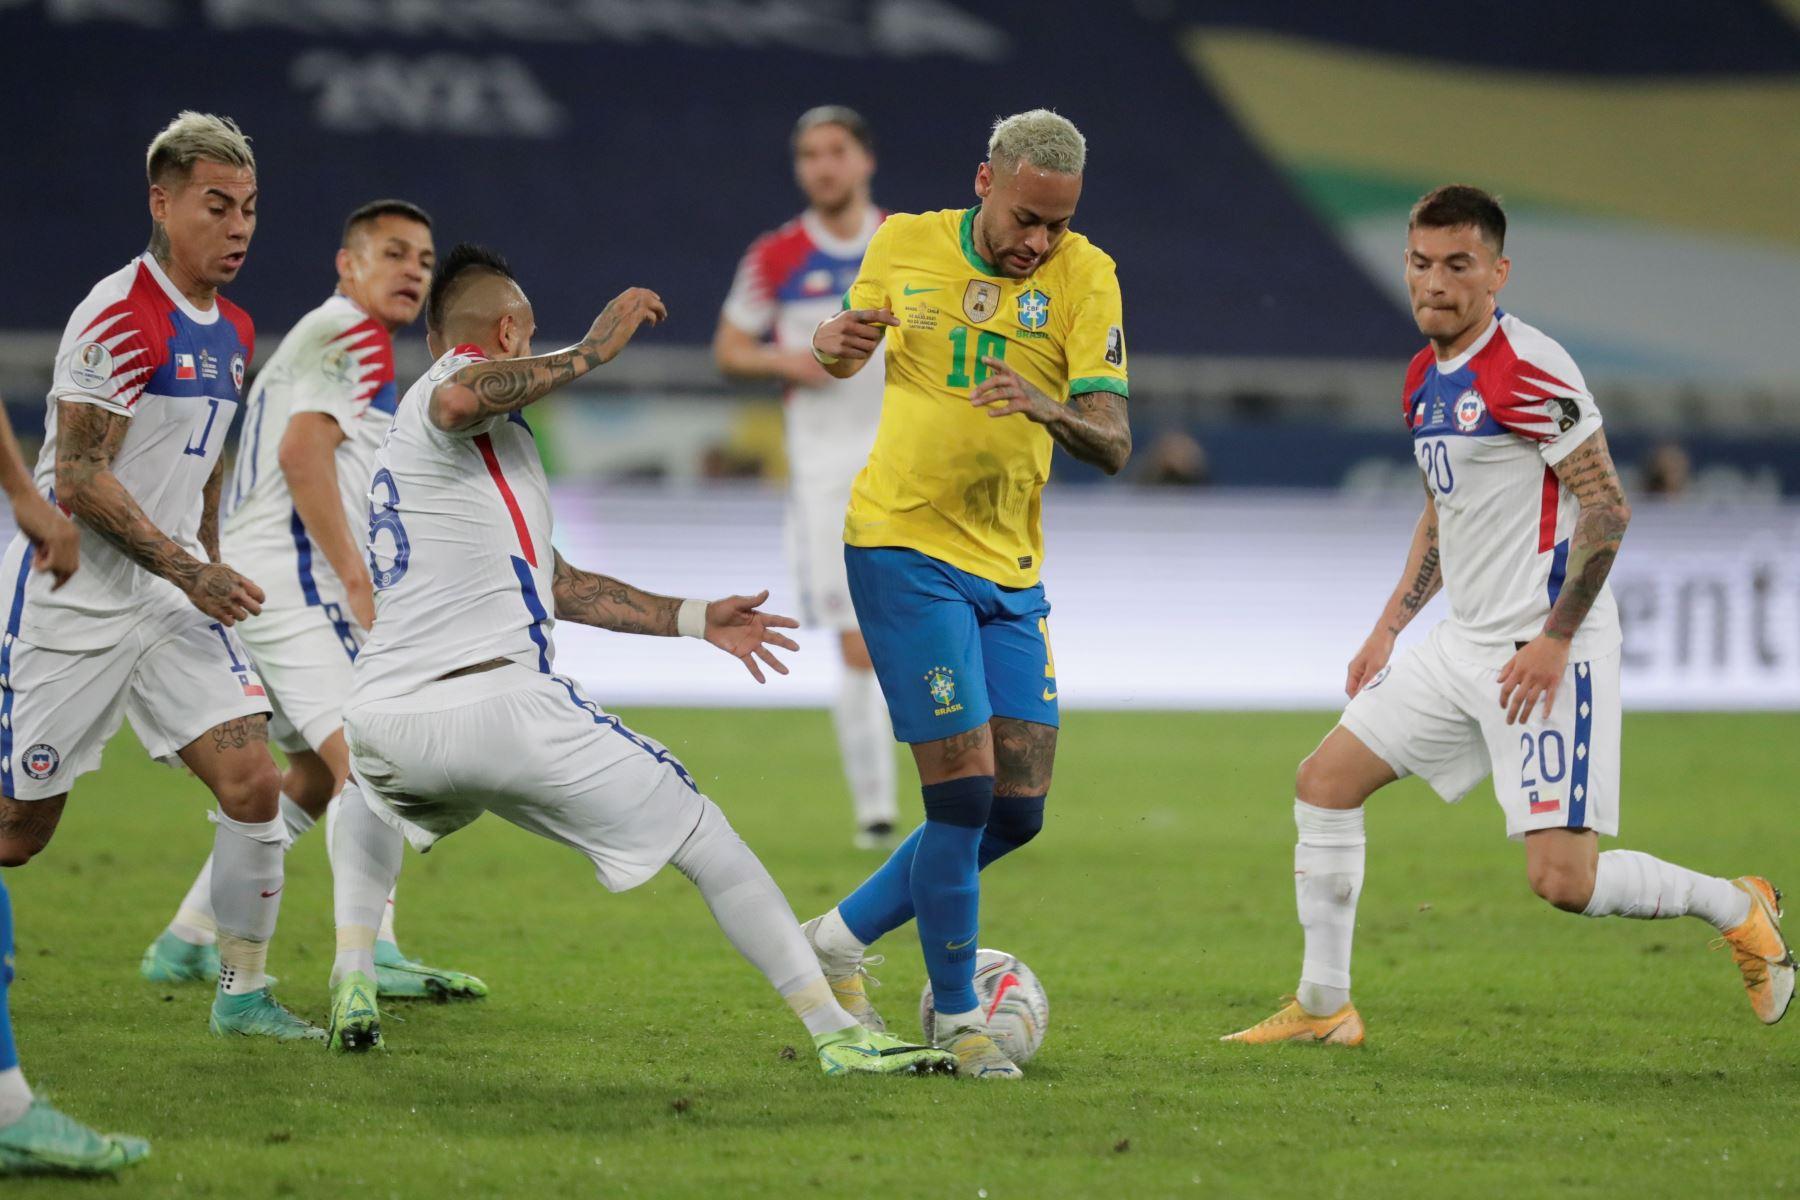 Neymar de Brasil disputa un balón con Arturo Vidal de Chile durante partido por los cuartos de final de la Copa América, en el estadio Nilton Santos en Río de Janeiro, Brasil. Foto: EFE